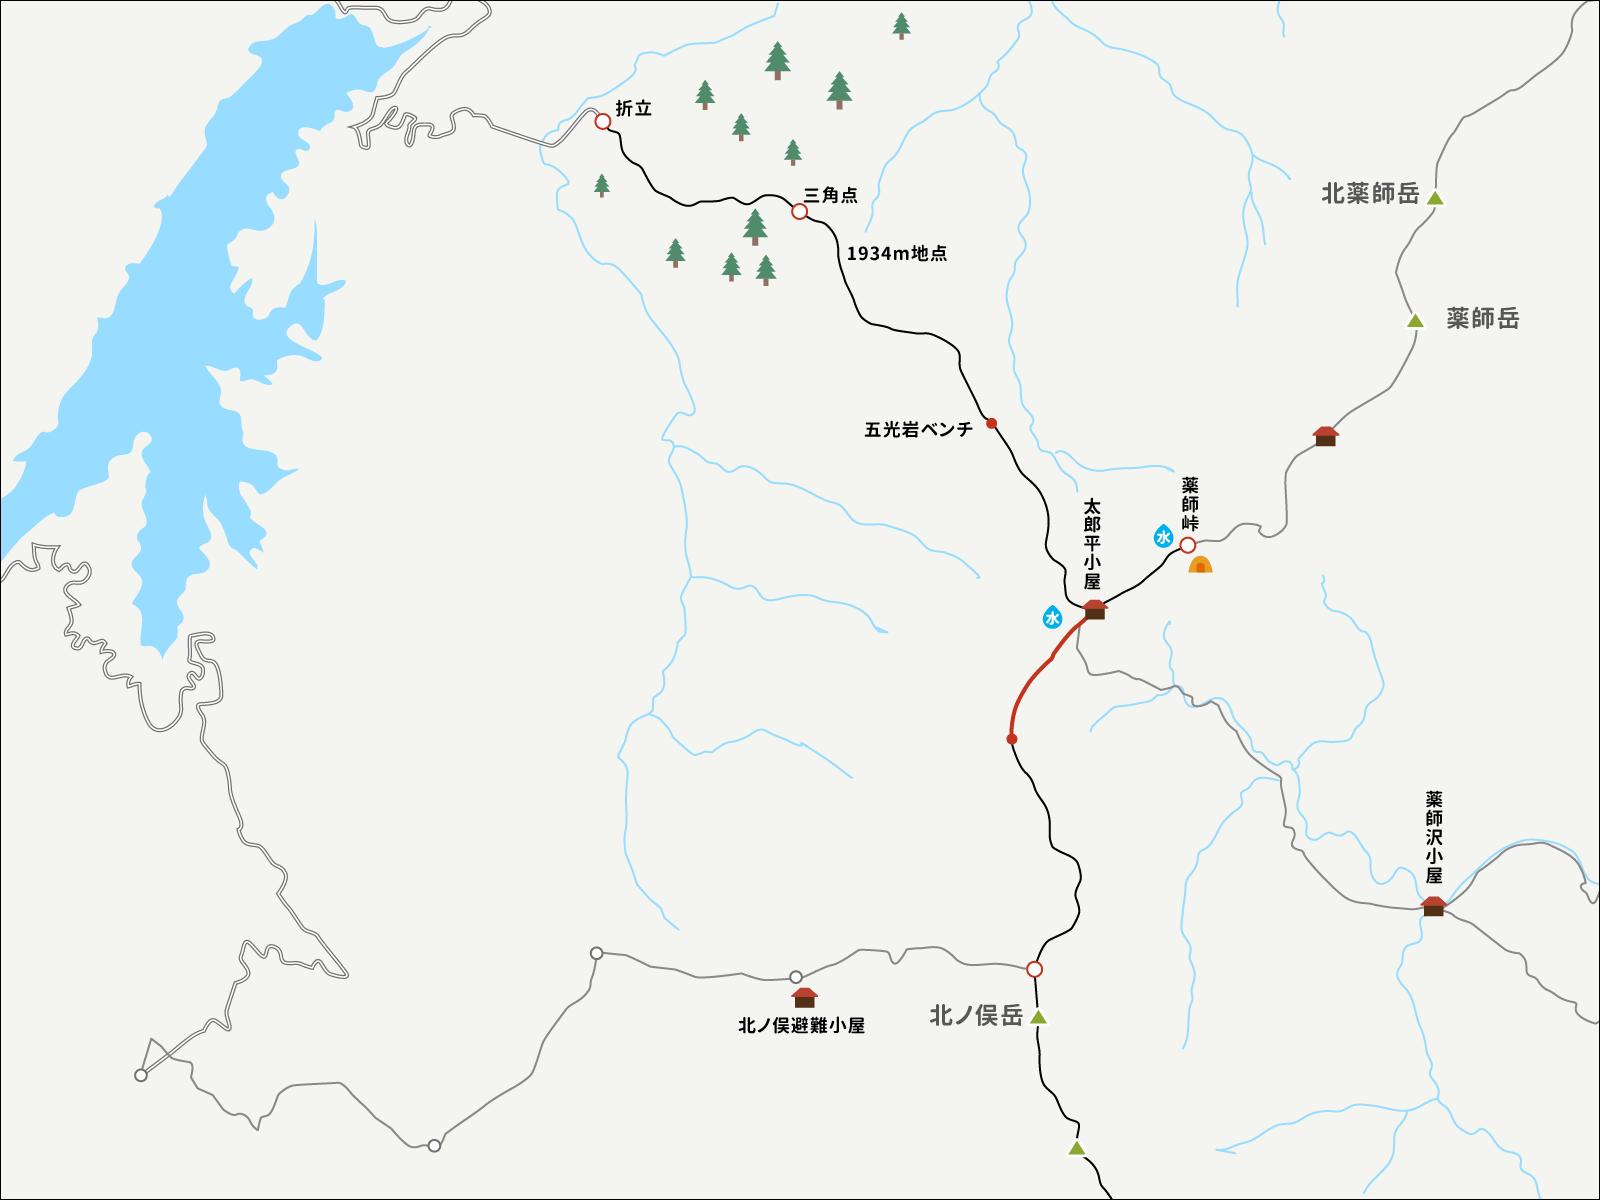 太郎平小屋から太郎山までのイラストマップ